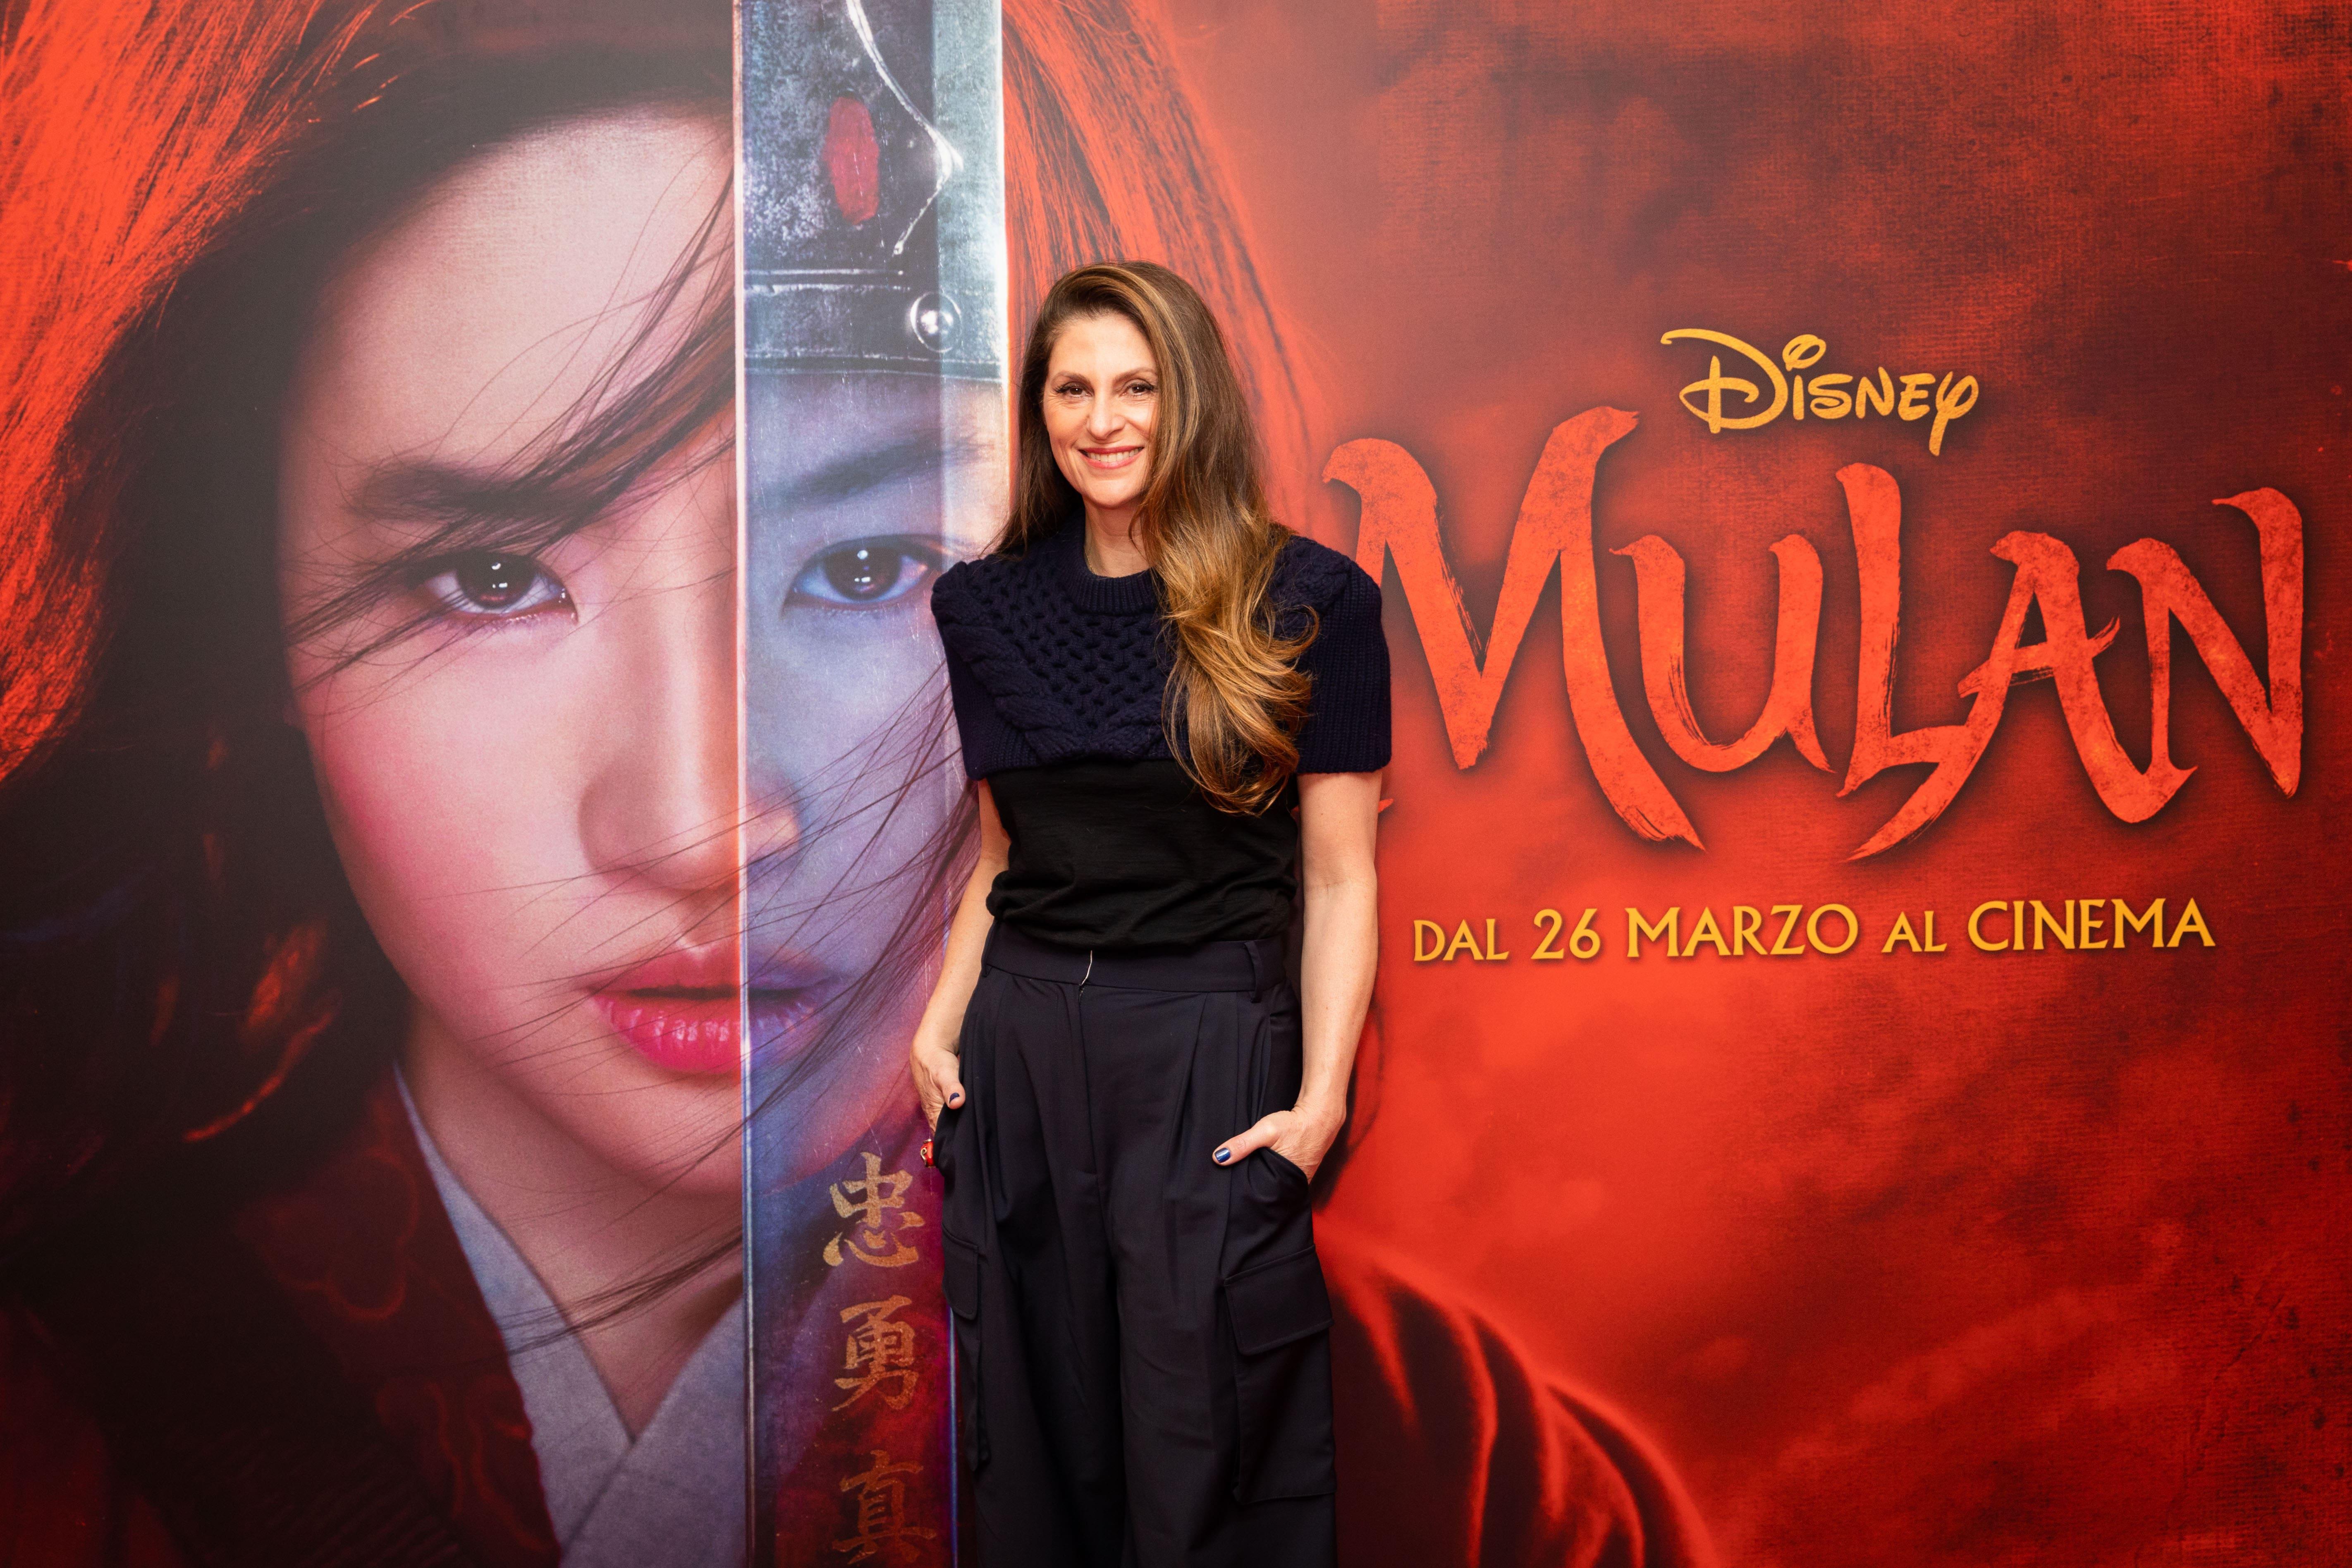 """Niki Caro su Mulan: """"Ho affrontato questo film come un guerriero ma con grazia femminile!"""""""